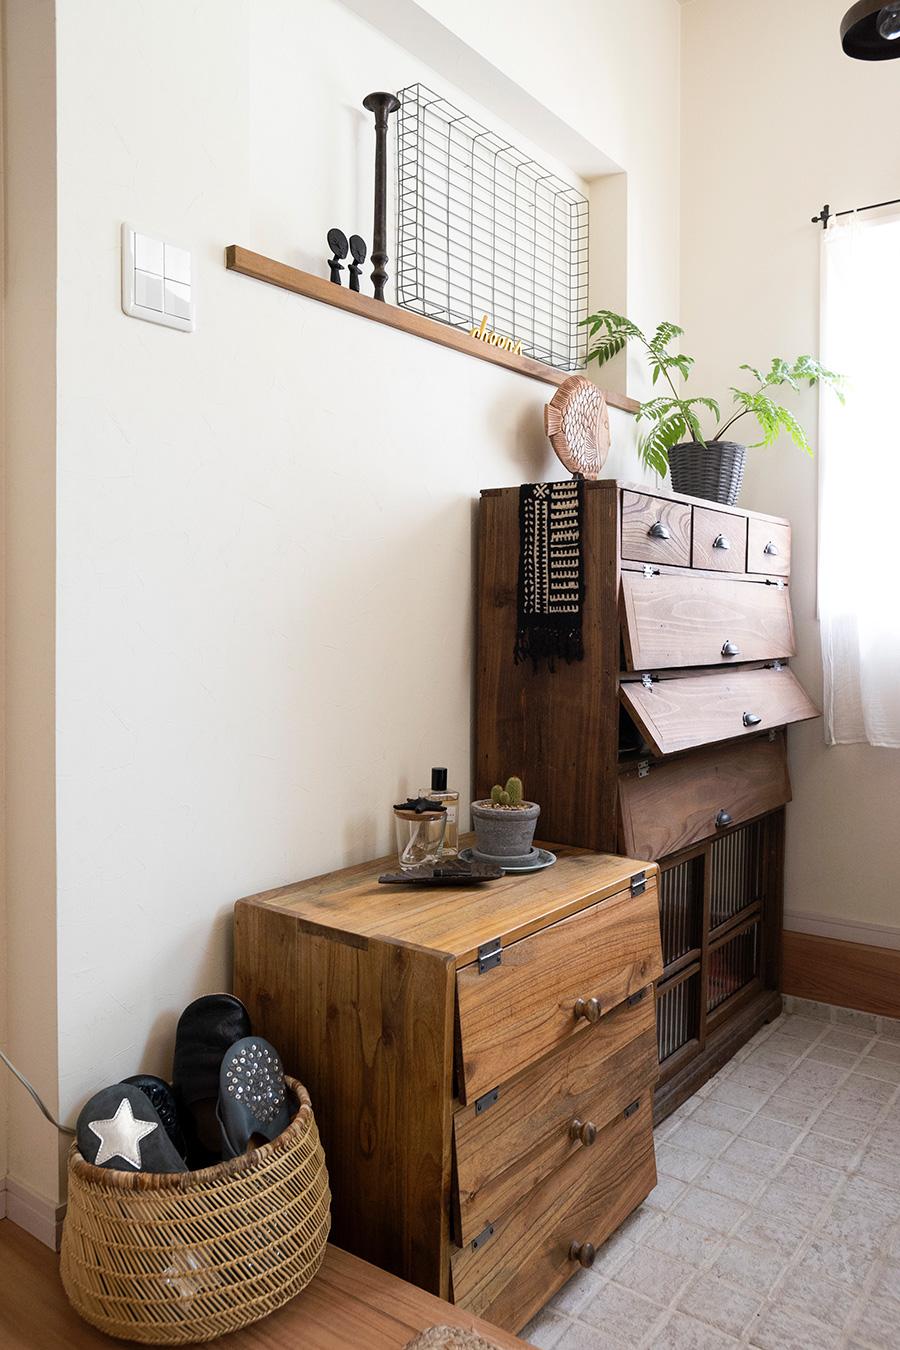 玄関の正面は特に美しく見えるように。古道具にグリーン、お気に入りの雑貨をアレンジ。ニッチも設けてディスプレイを楽しんでいる。